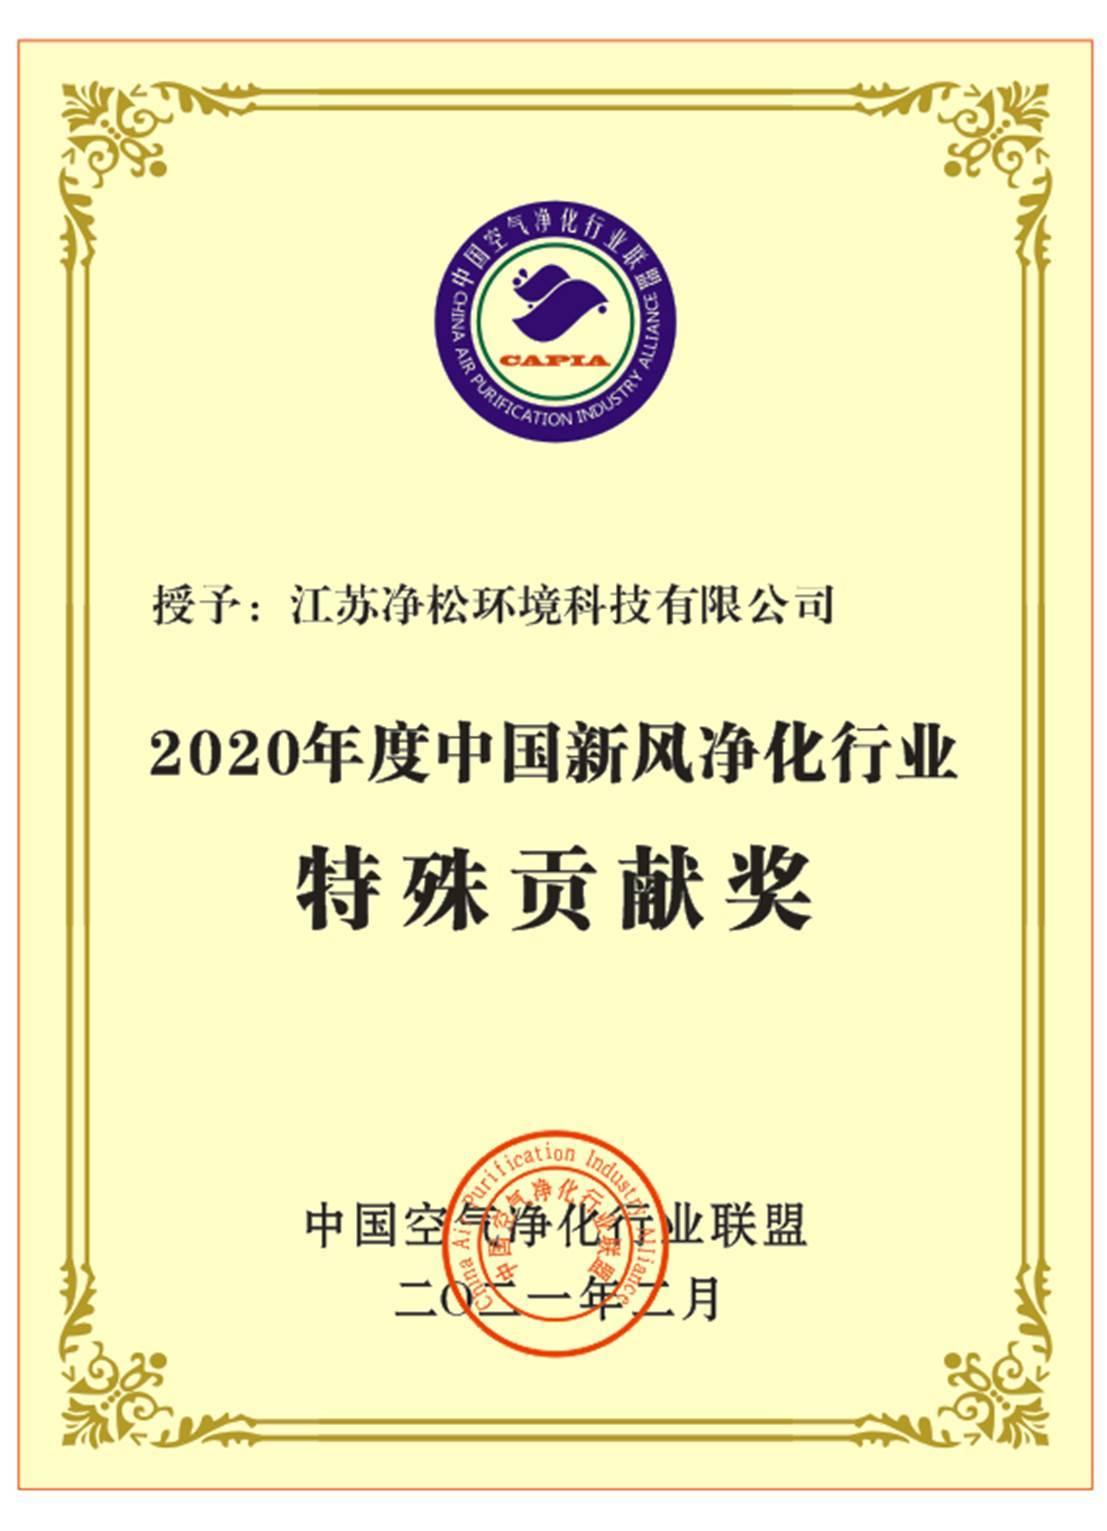 实至名归,松新丰获得净化行业特别贡献奖